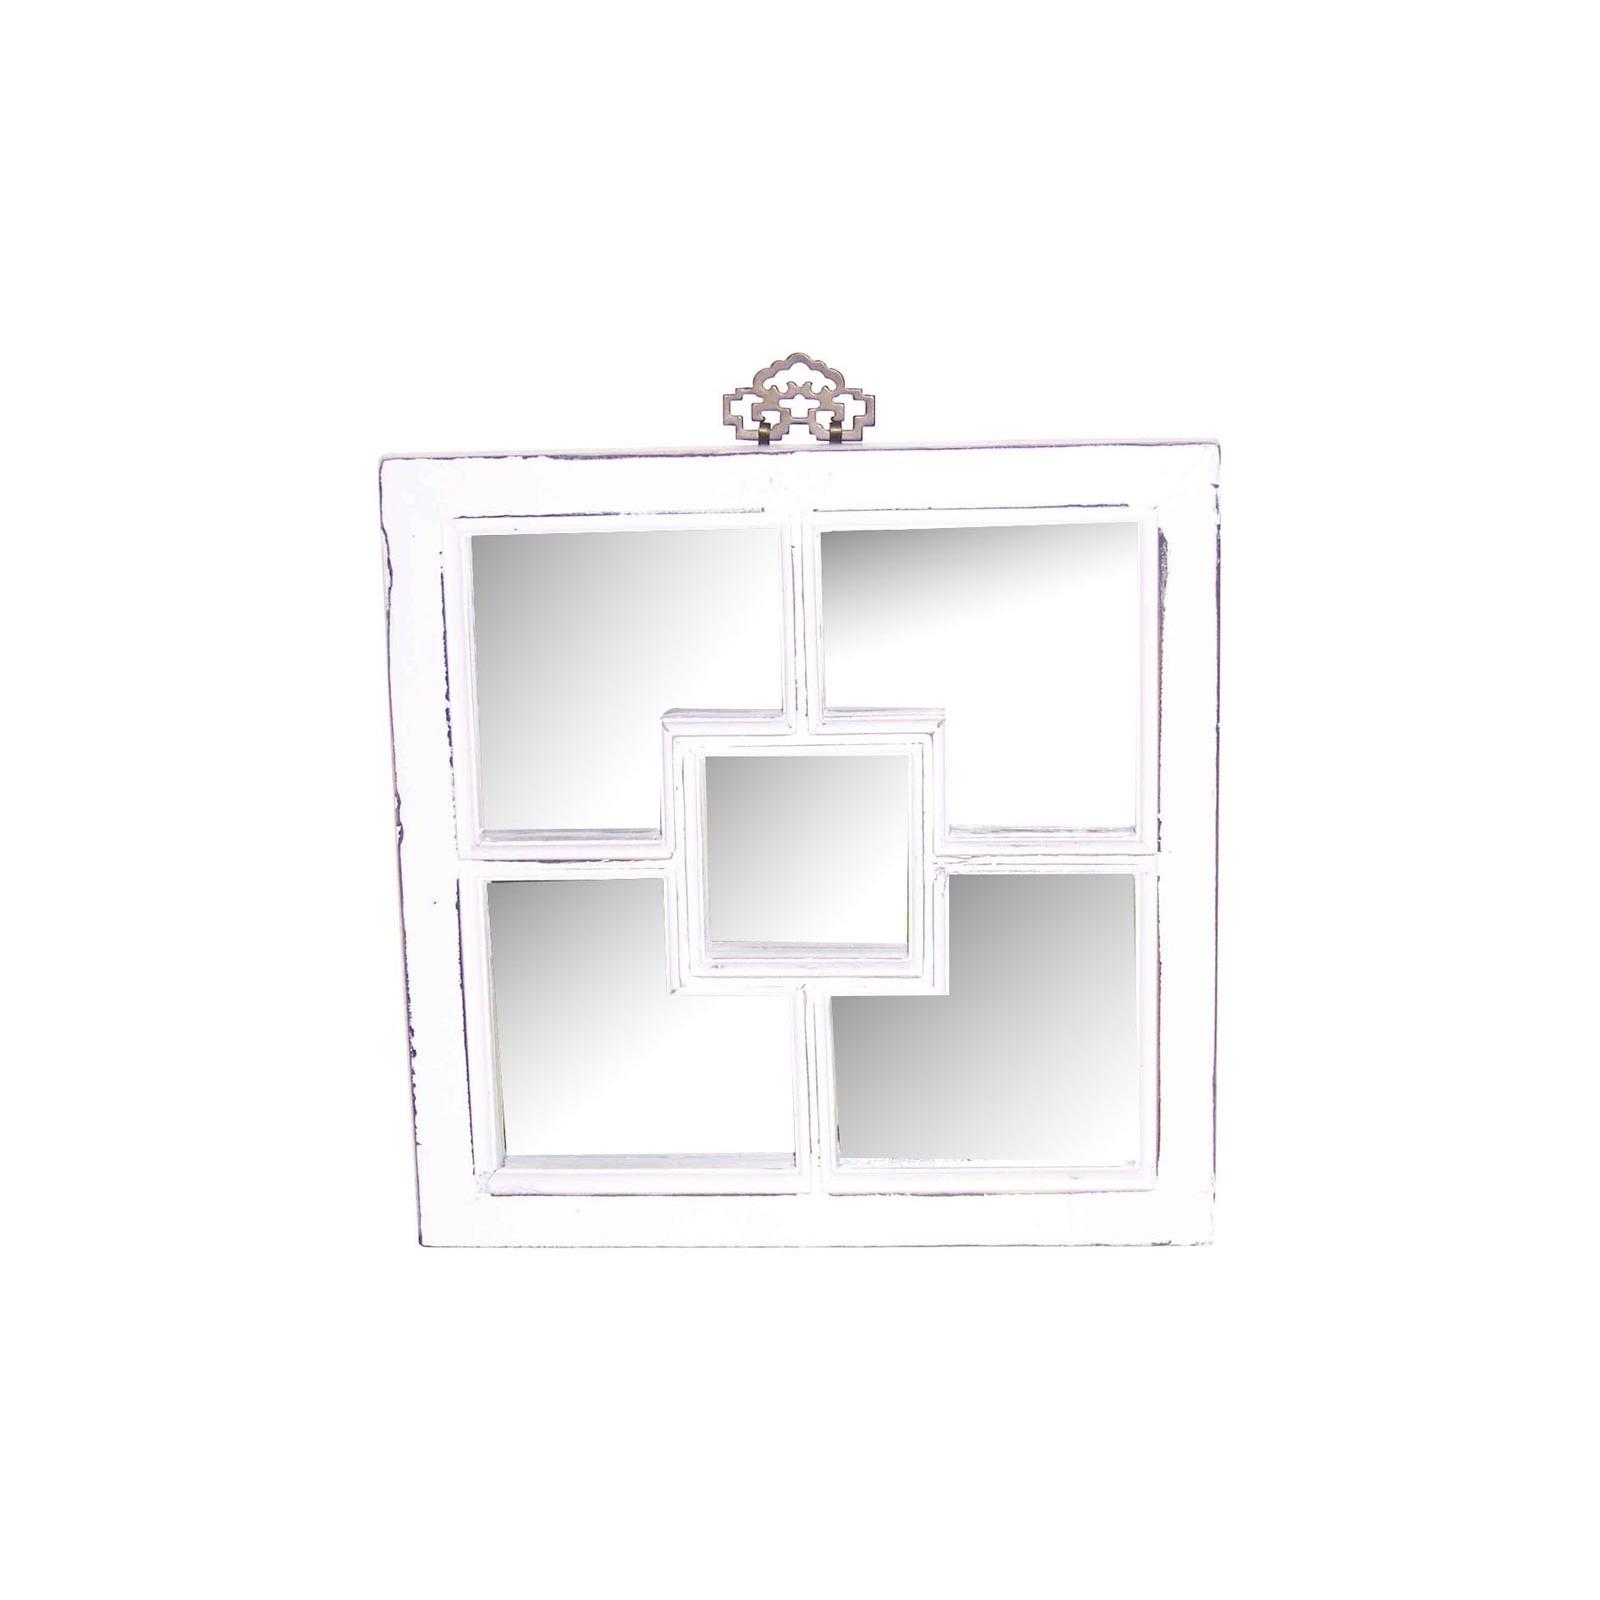 Miroir carr jp2b d coration for Miroir carre